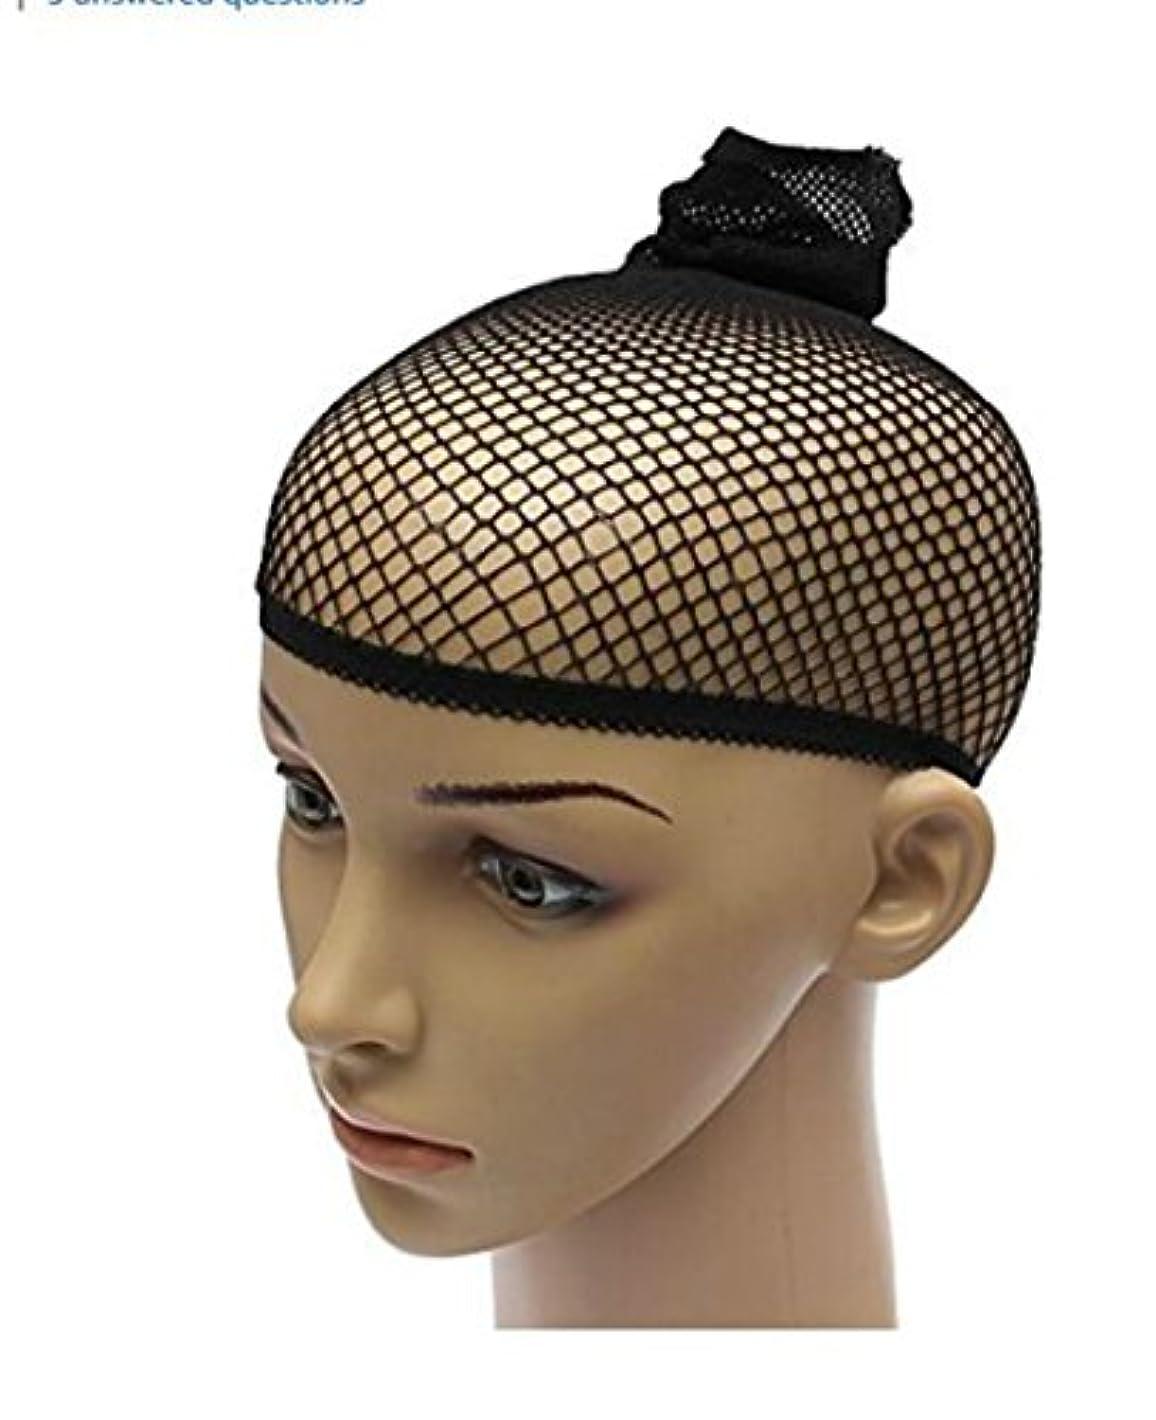 浸漬上院議員異なるTAKIの部屋 ウィッグネット ウィッグ専用 ハロイン変身用 ヘアーネット 筒型 ブラック フリーサイズ ユニセックス